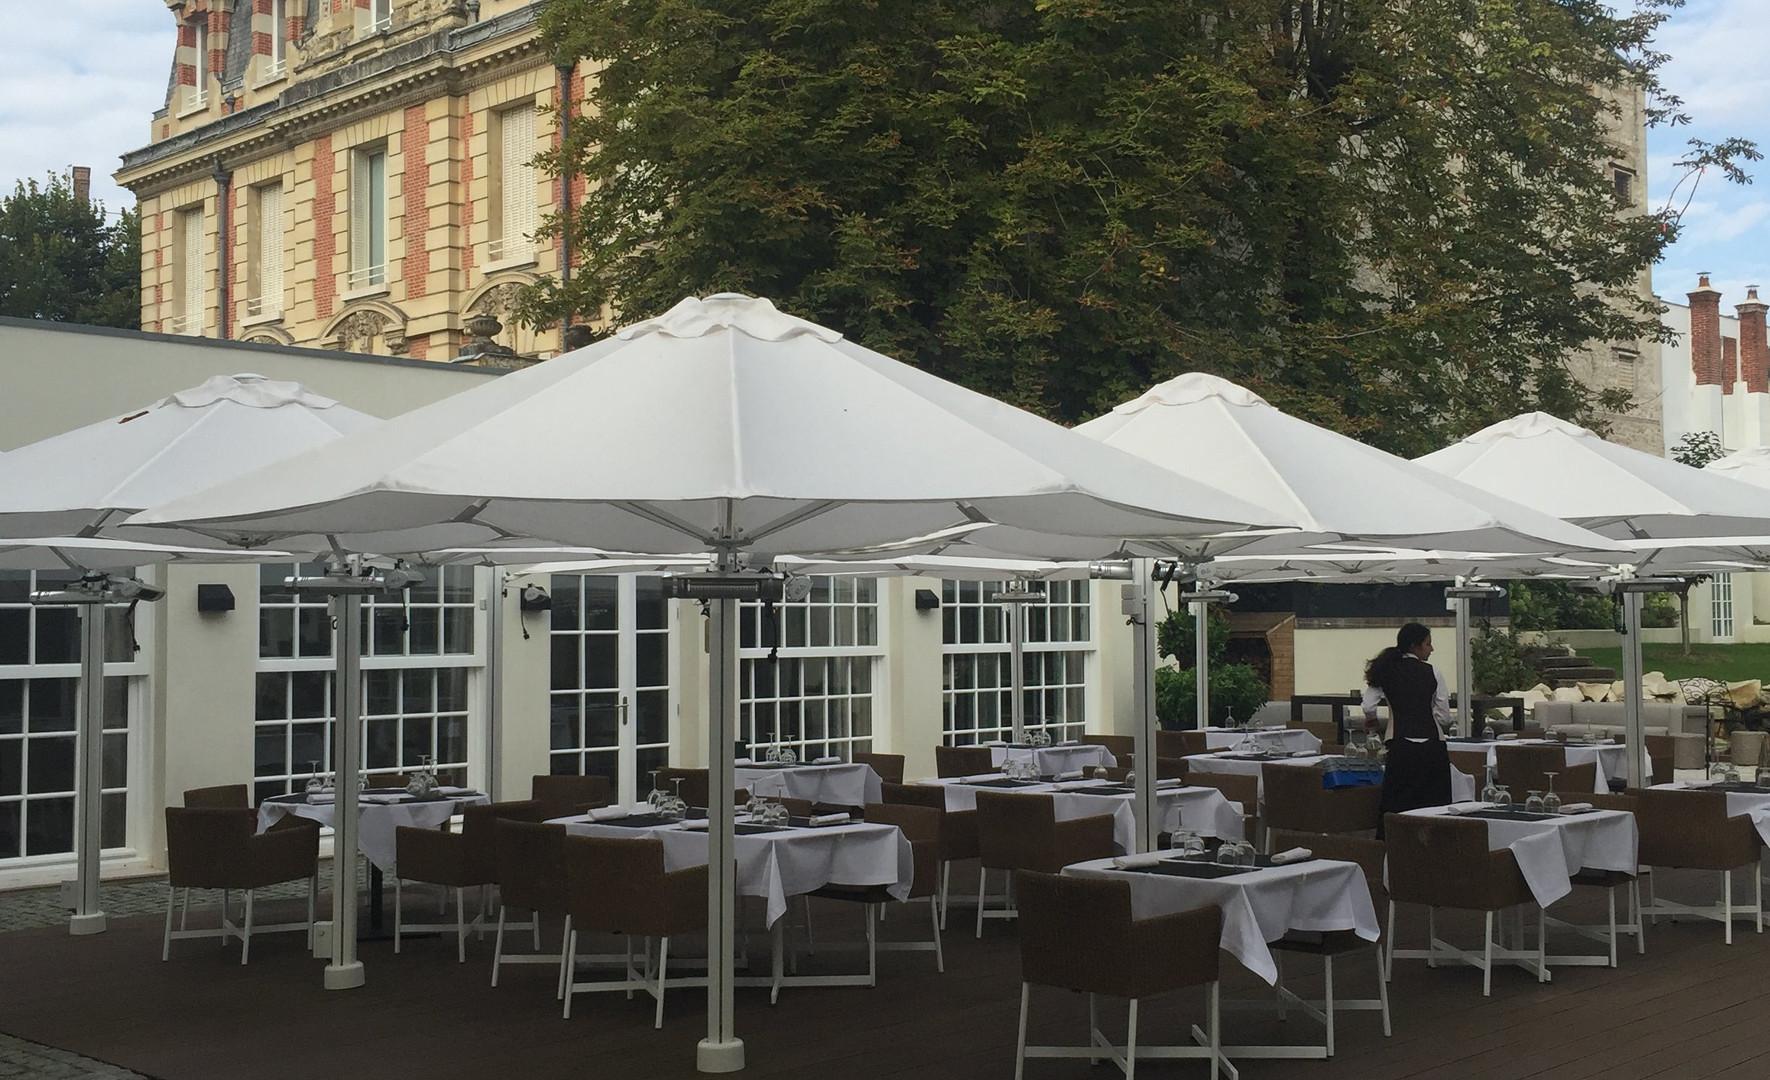 HOTEL & RECEPTION DU PARC DE FONTAINEBLE